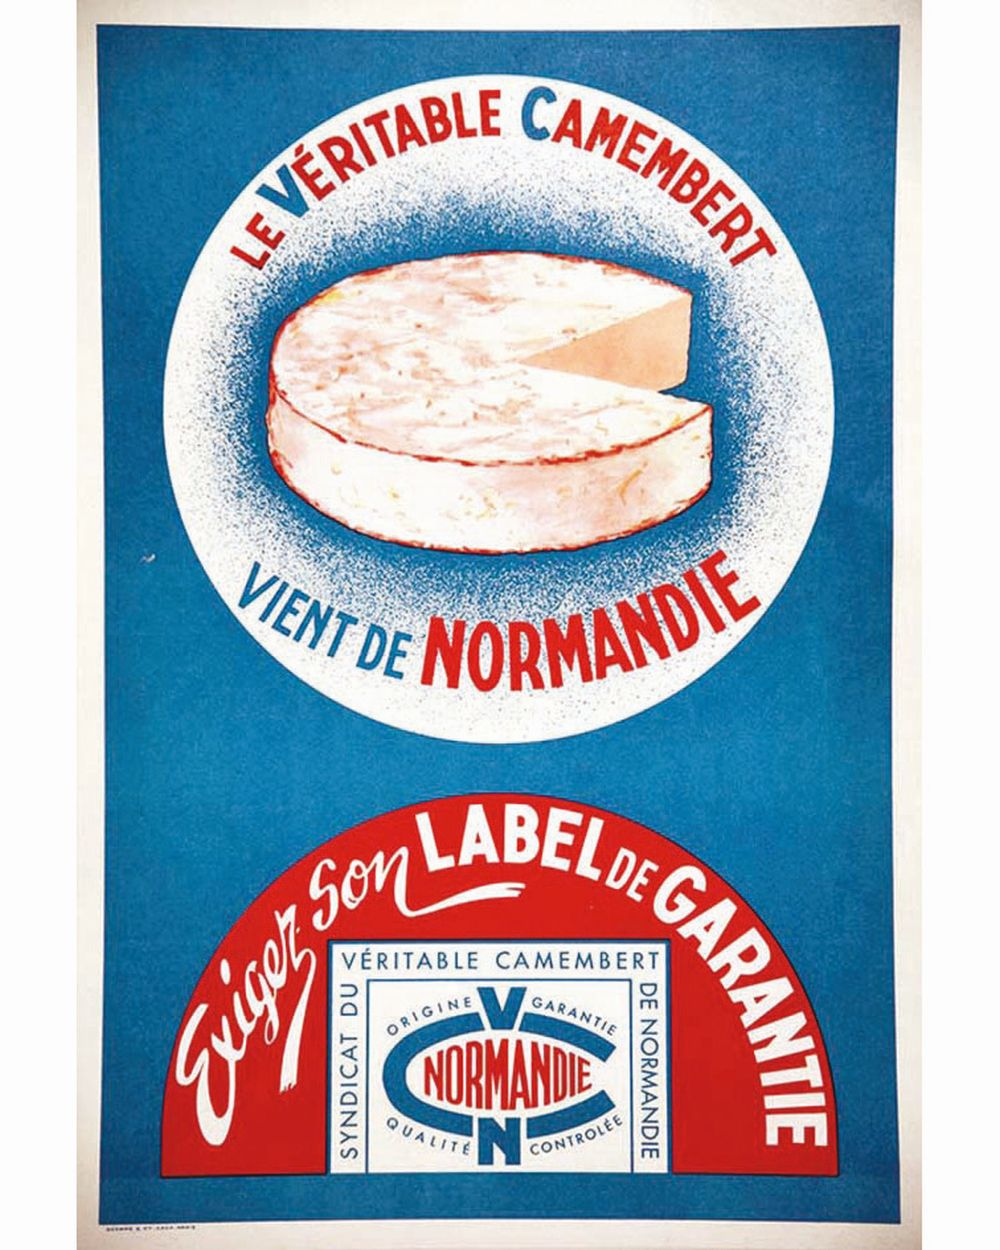 Le Véritable Camembert vient de Normandie     vers 1960